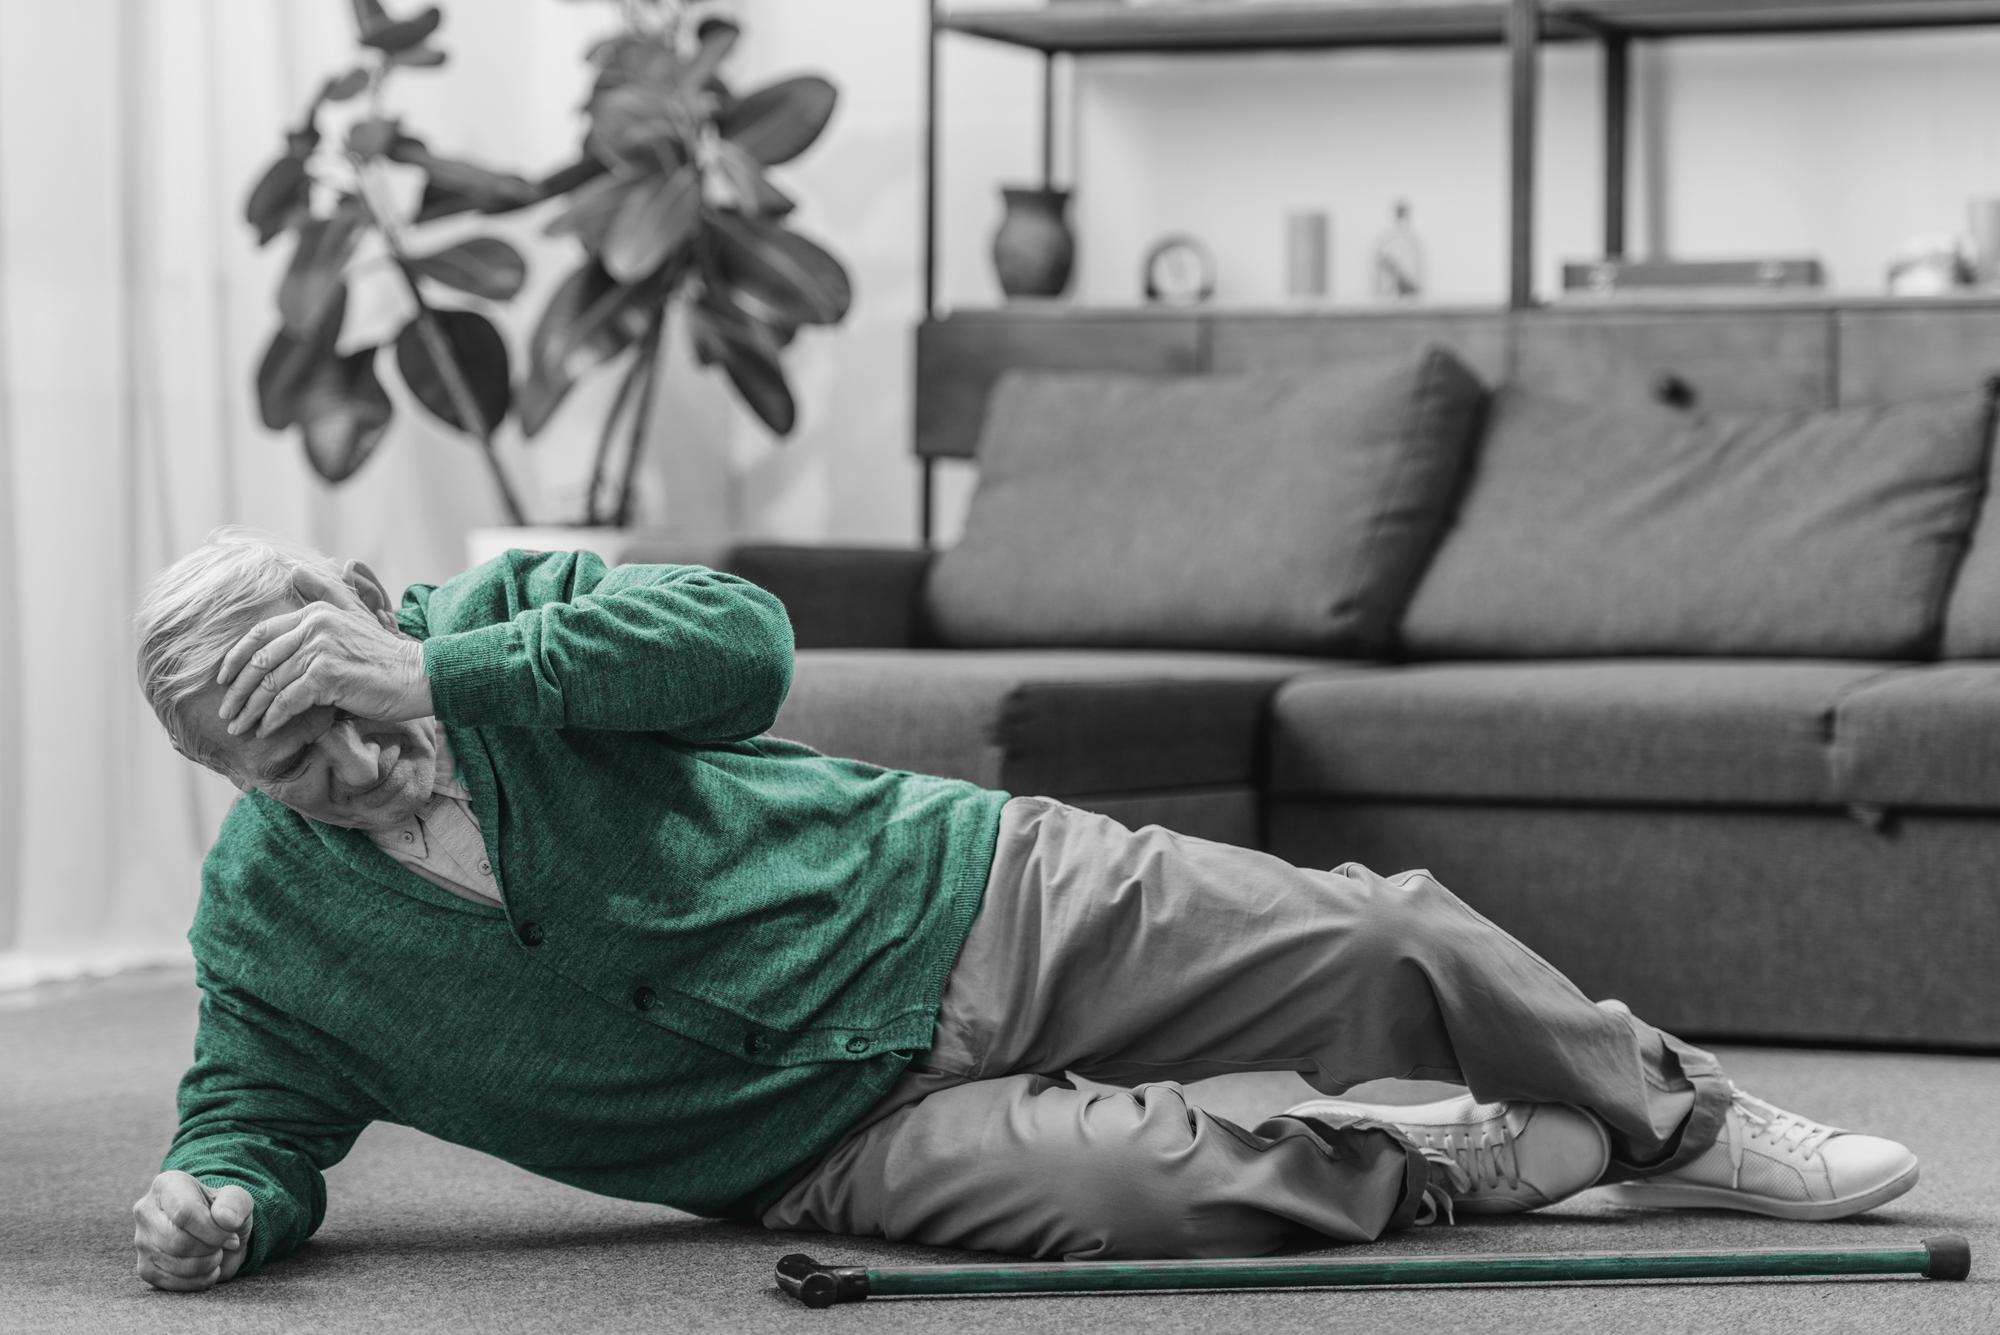 Las caídas en las personas mayores: Prevención y actuaciones